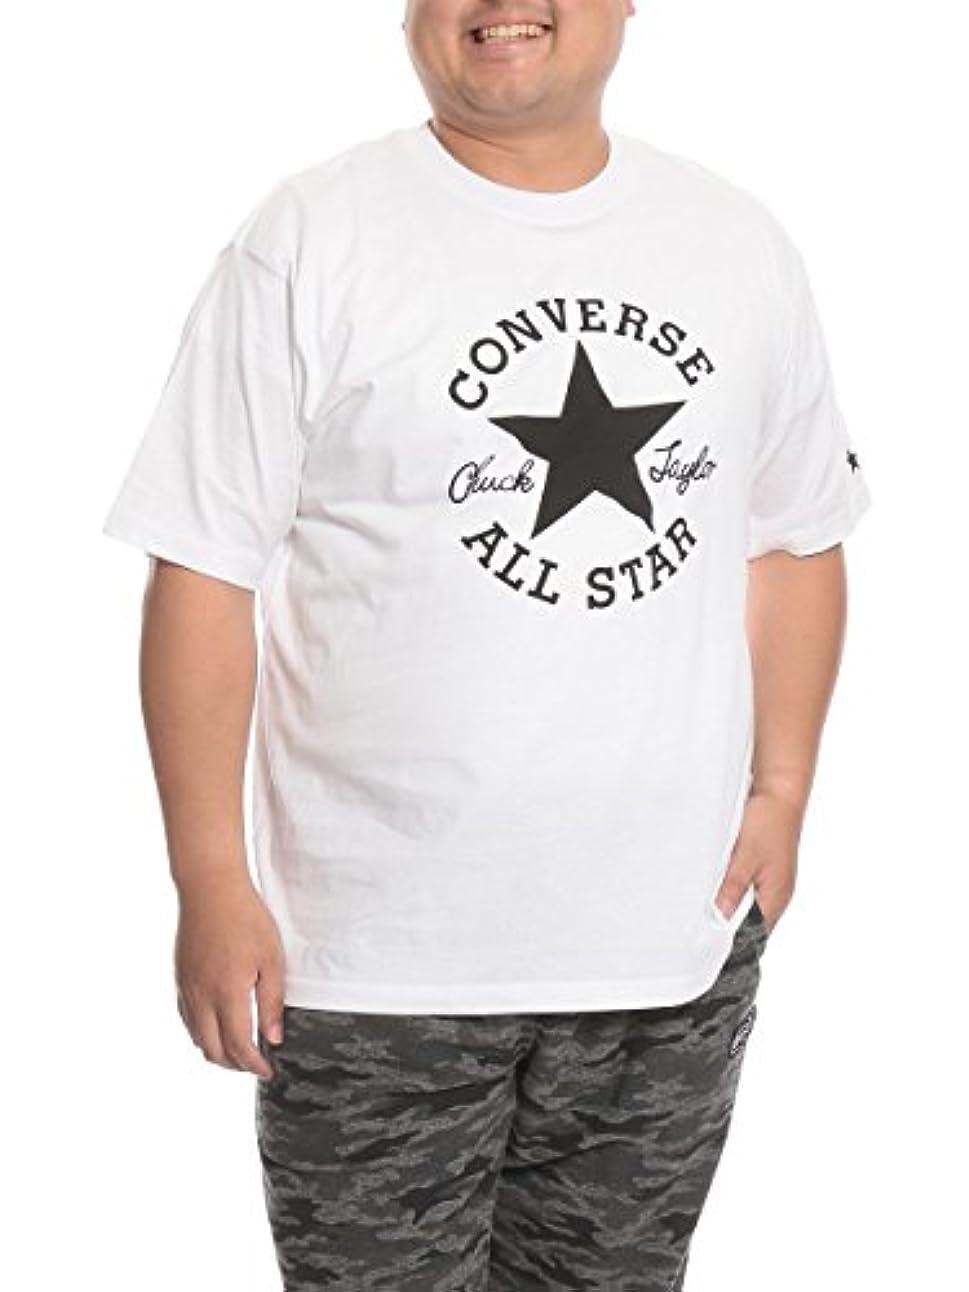 耐えられるソロ計画的(コンバース) CONVERSE 大きいサイズ メンズ ALLSTAR 綿100% プリント クルーネック 半袖 Tシャツ ホワイト / 3L